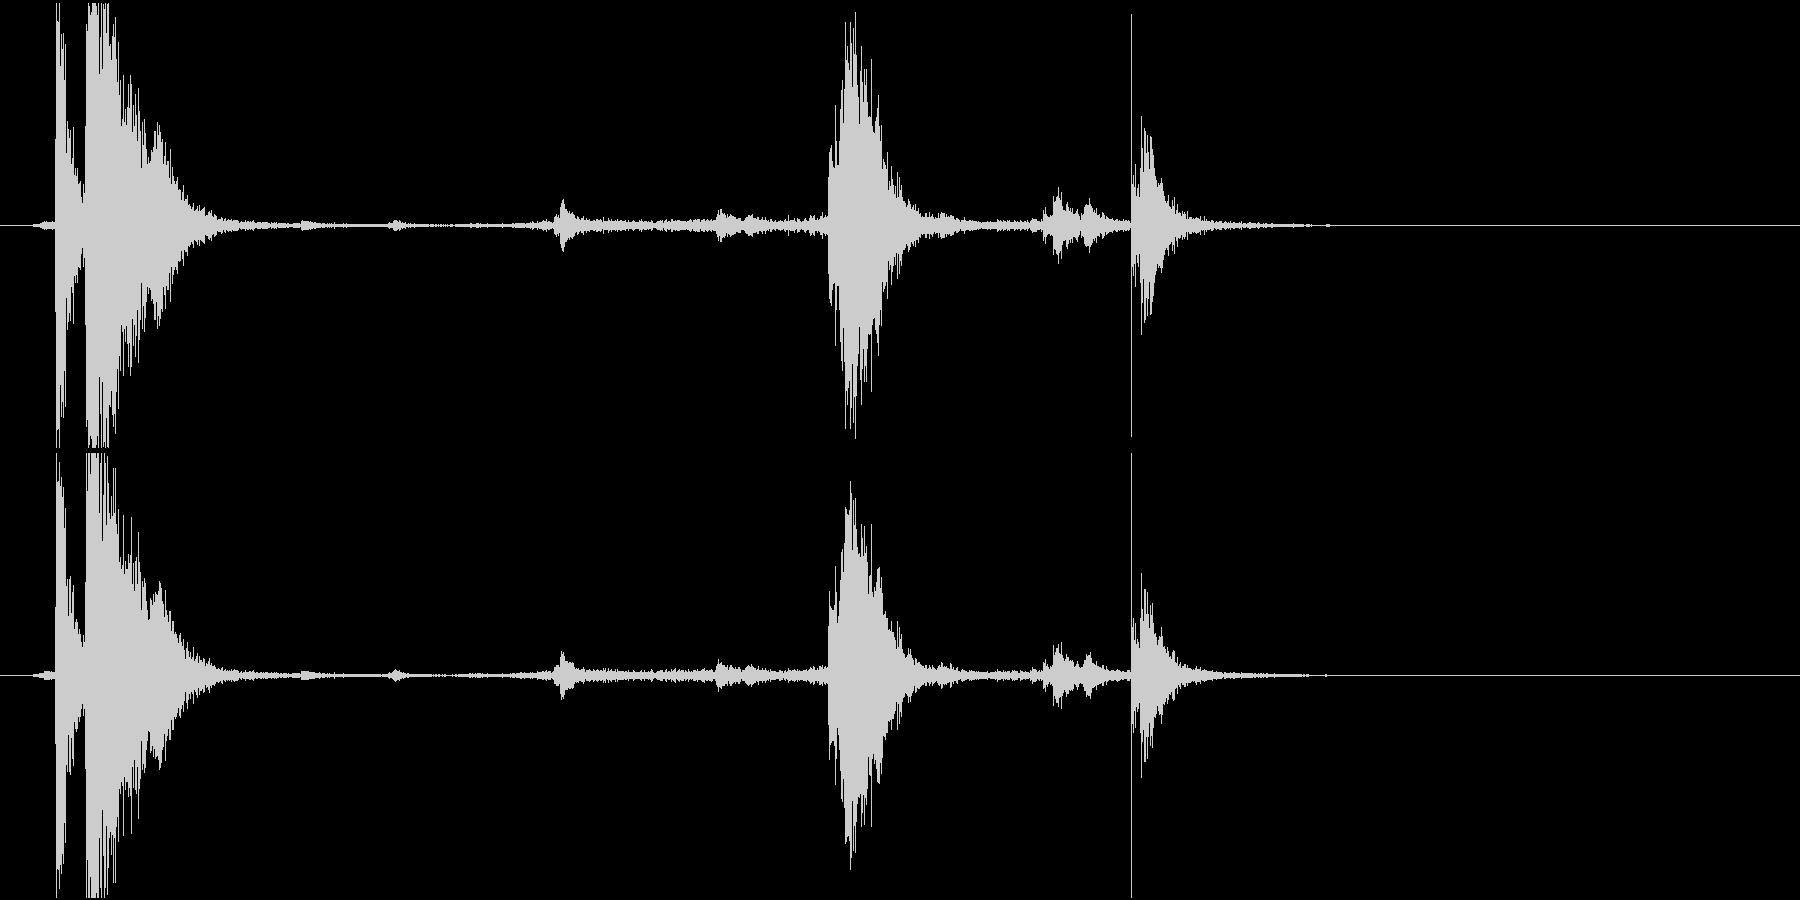 【生録音】 魚焼きグリルをせり出す音の未再生の波形